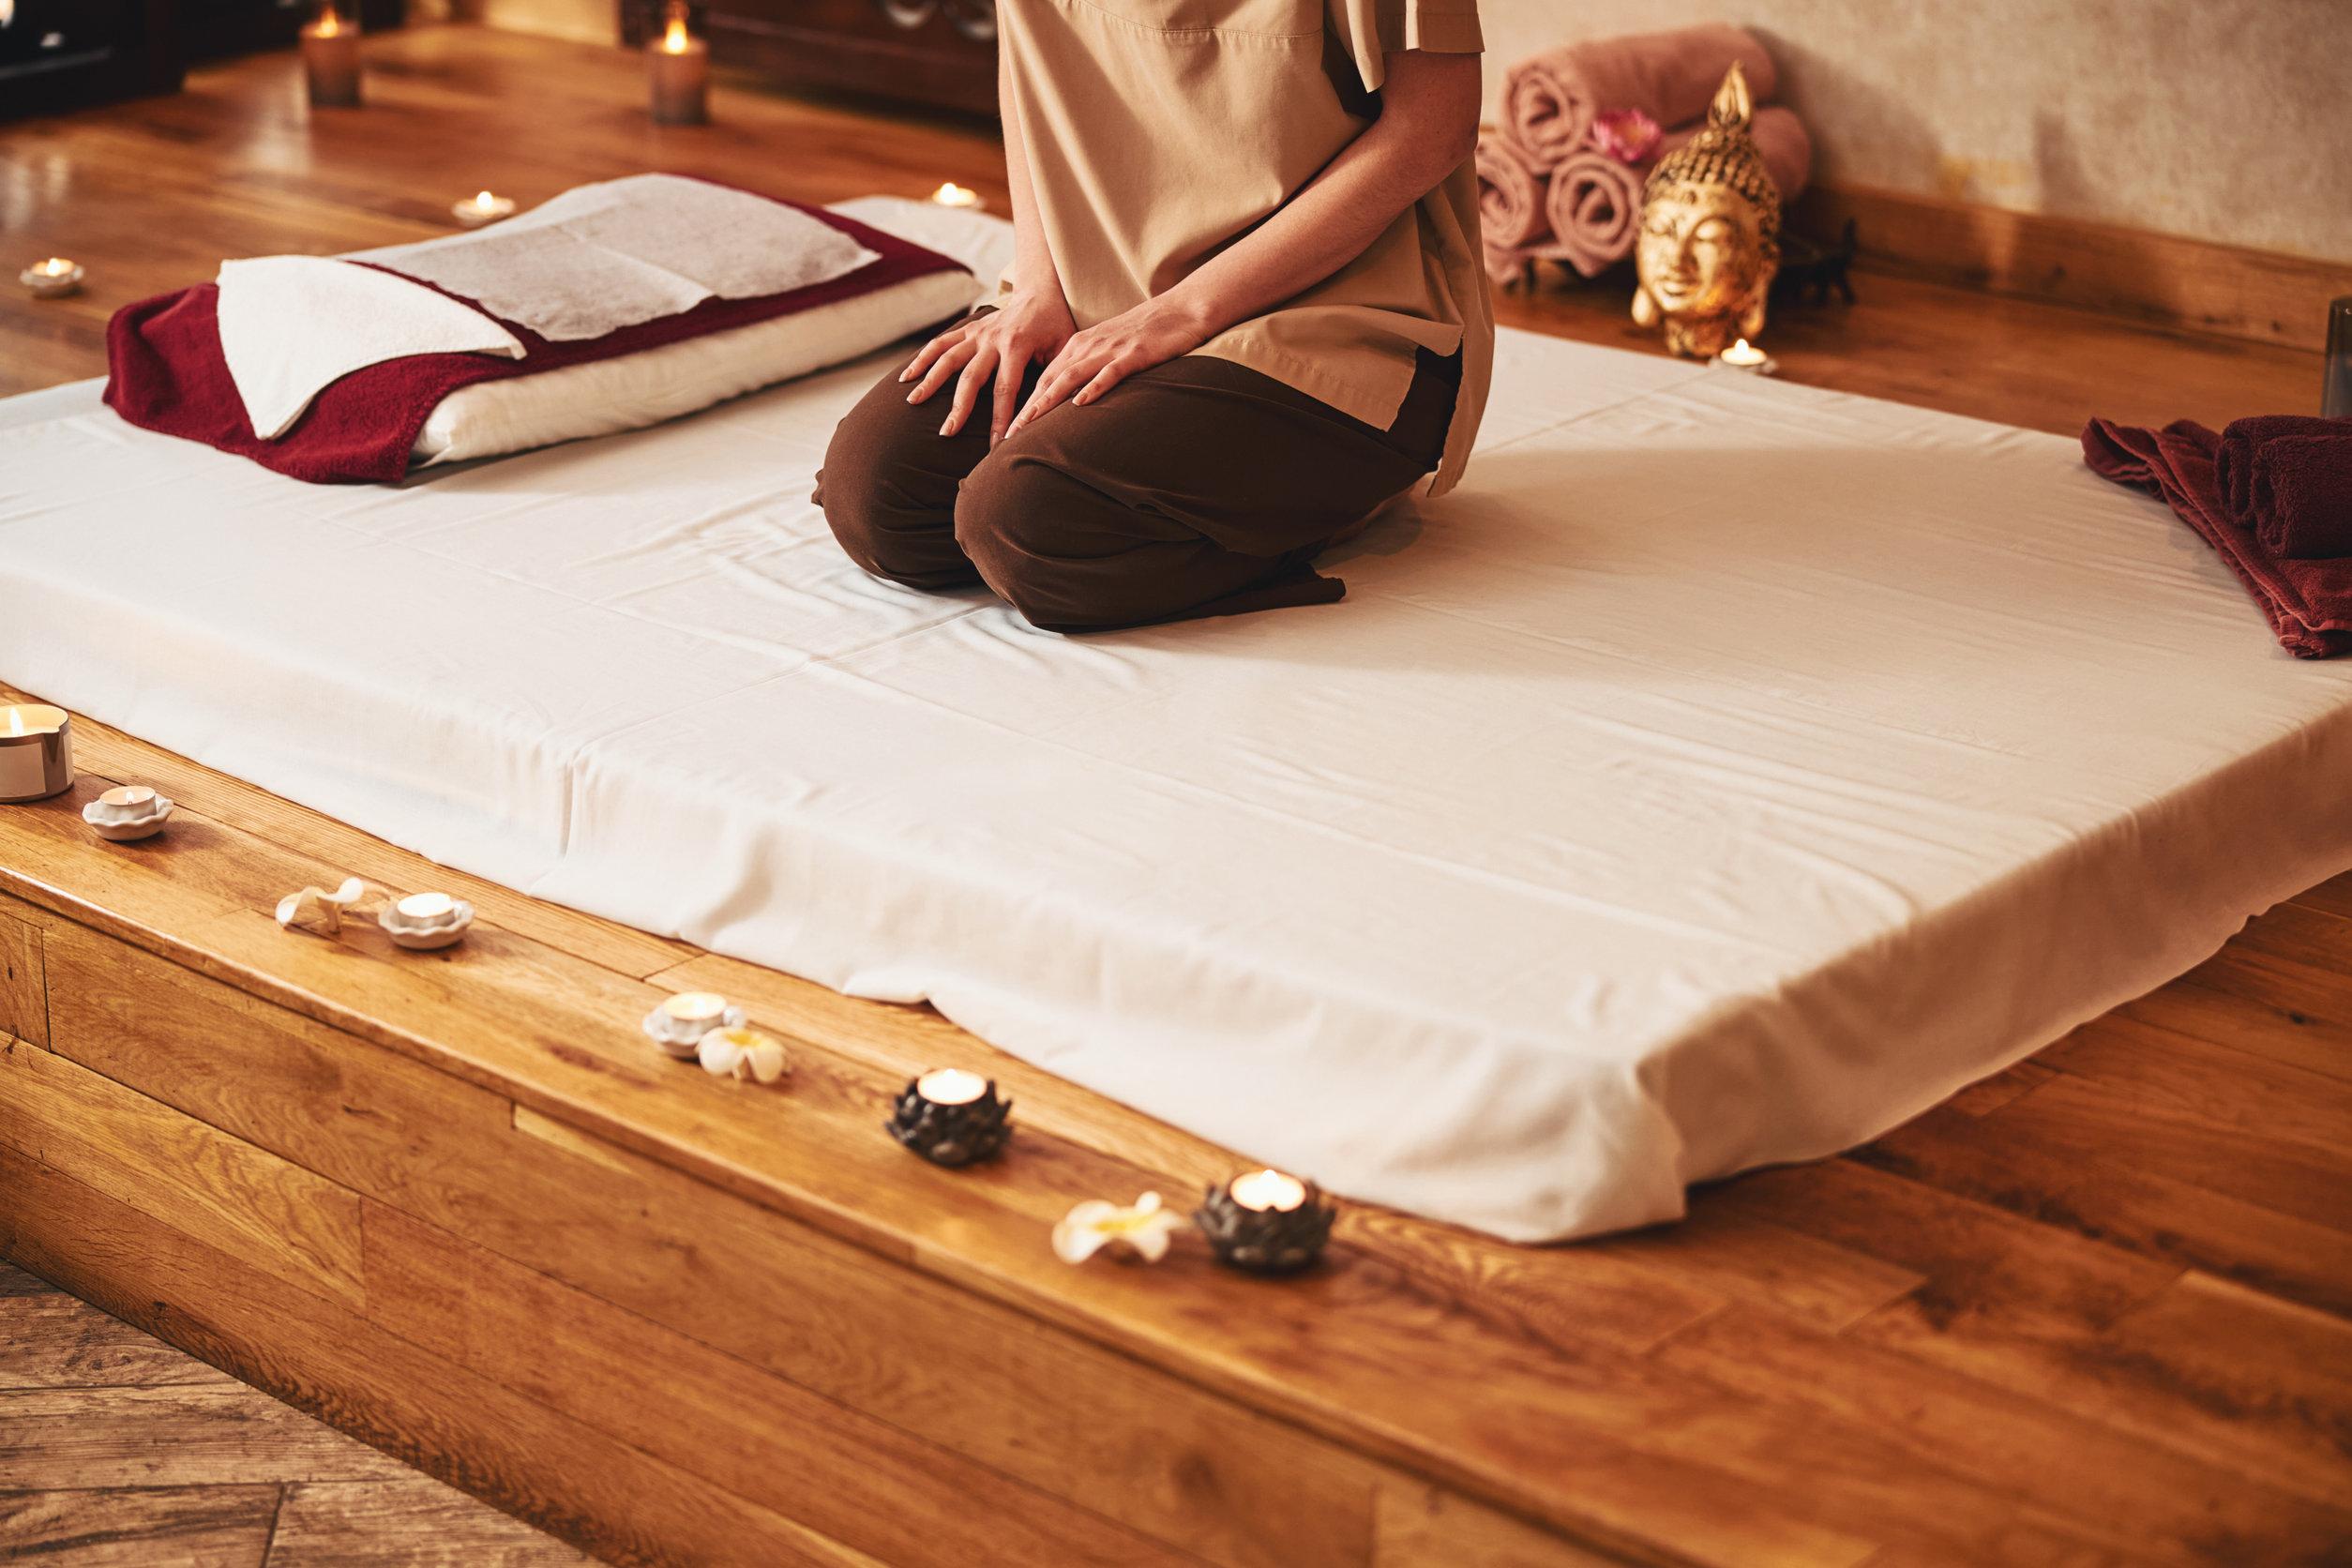 chica meditando en cama